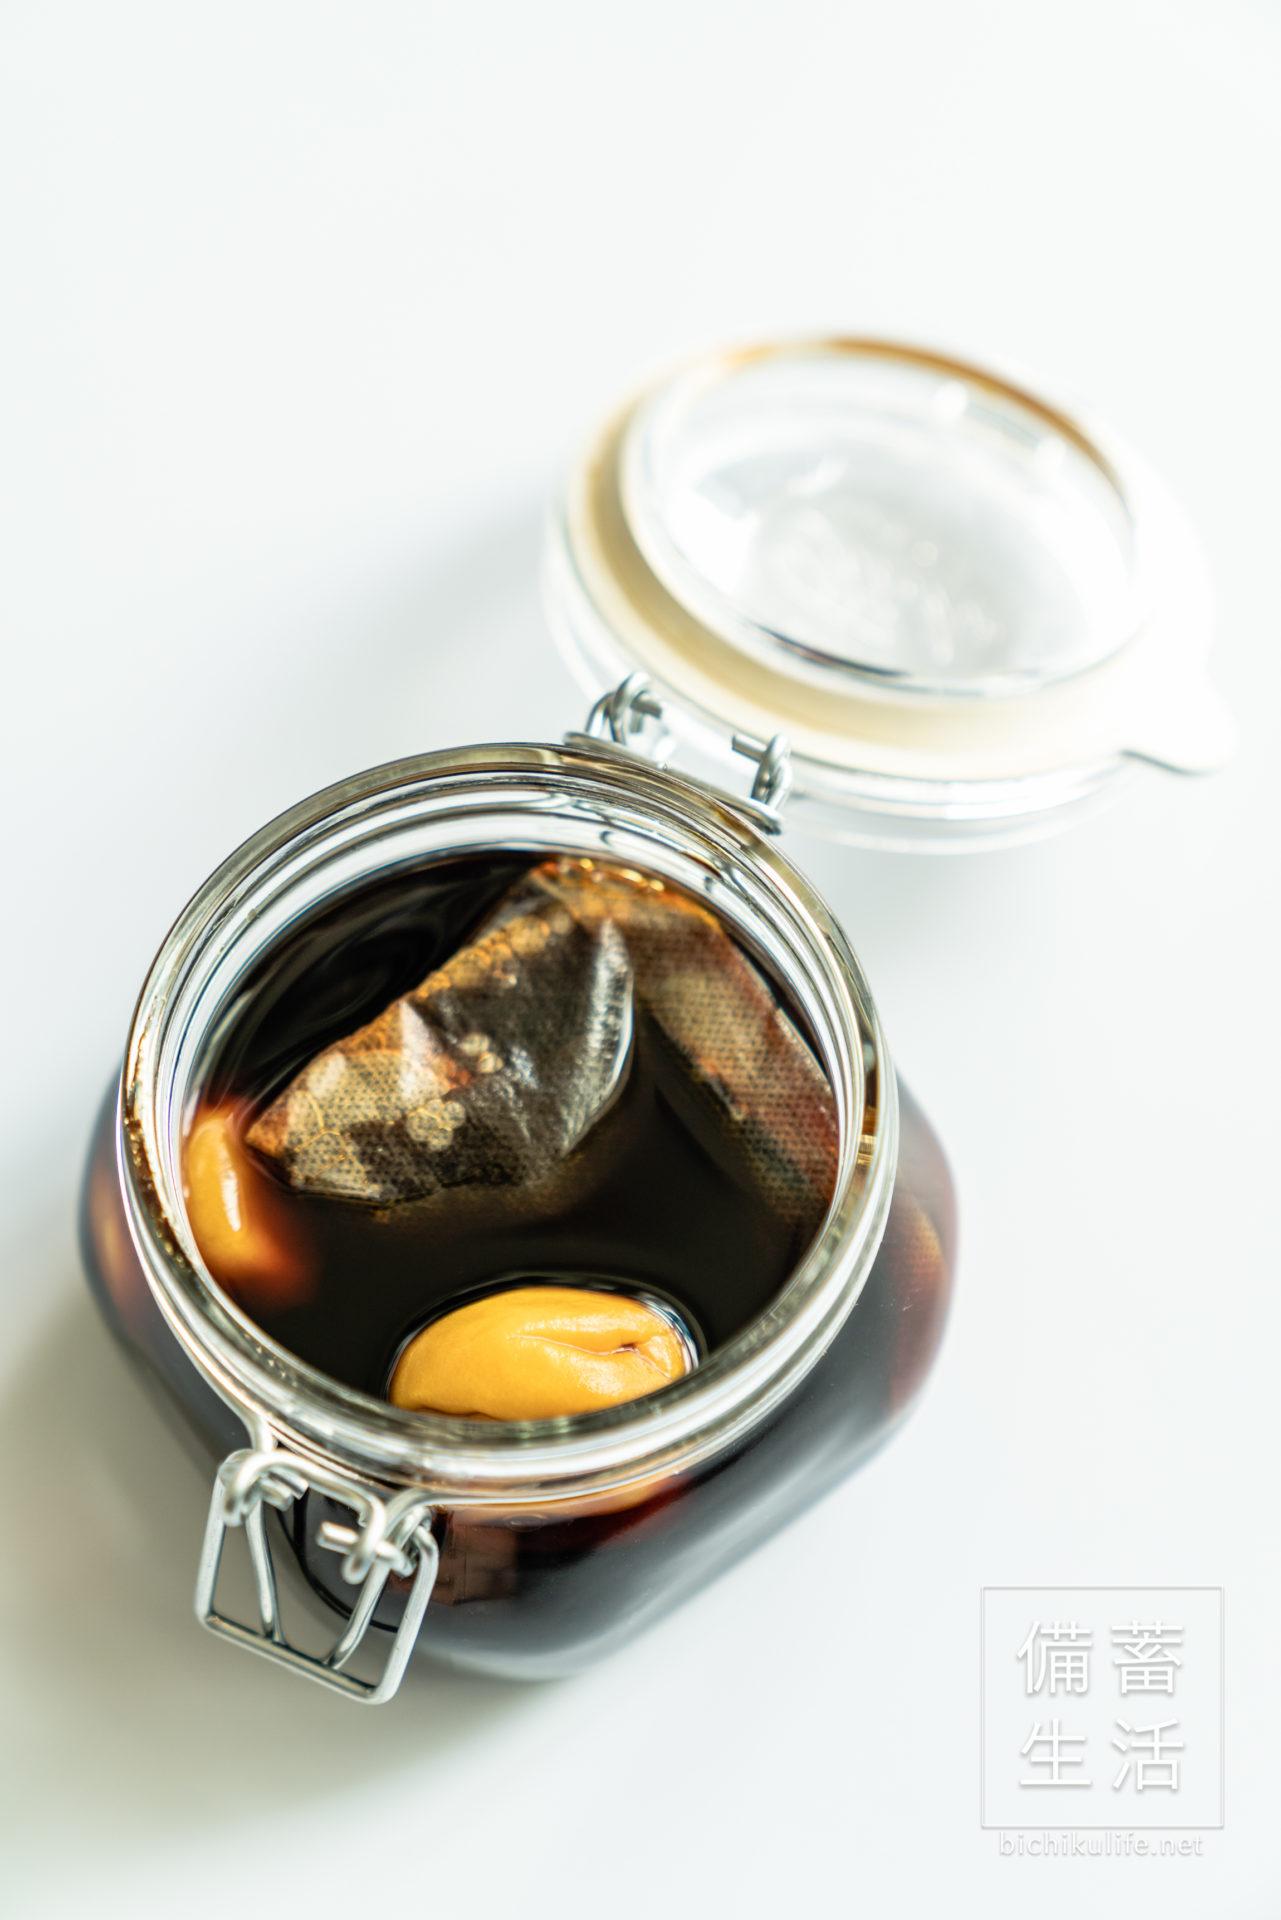 梅の醤油漬けのレシピ、完成した梅の醤油漬けの様子